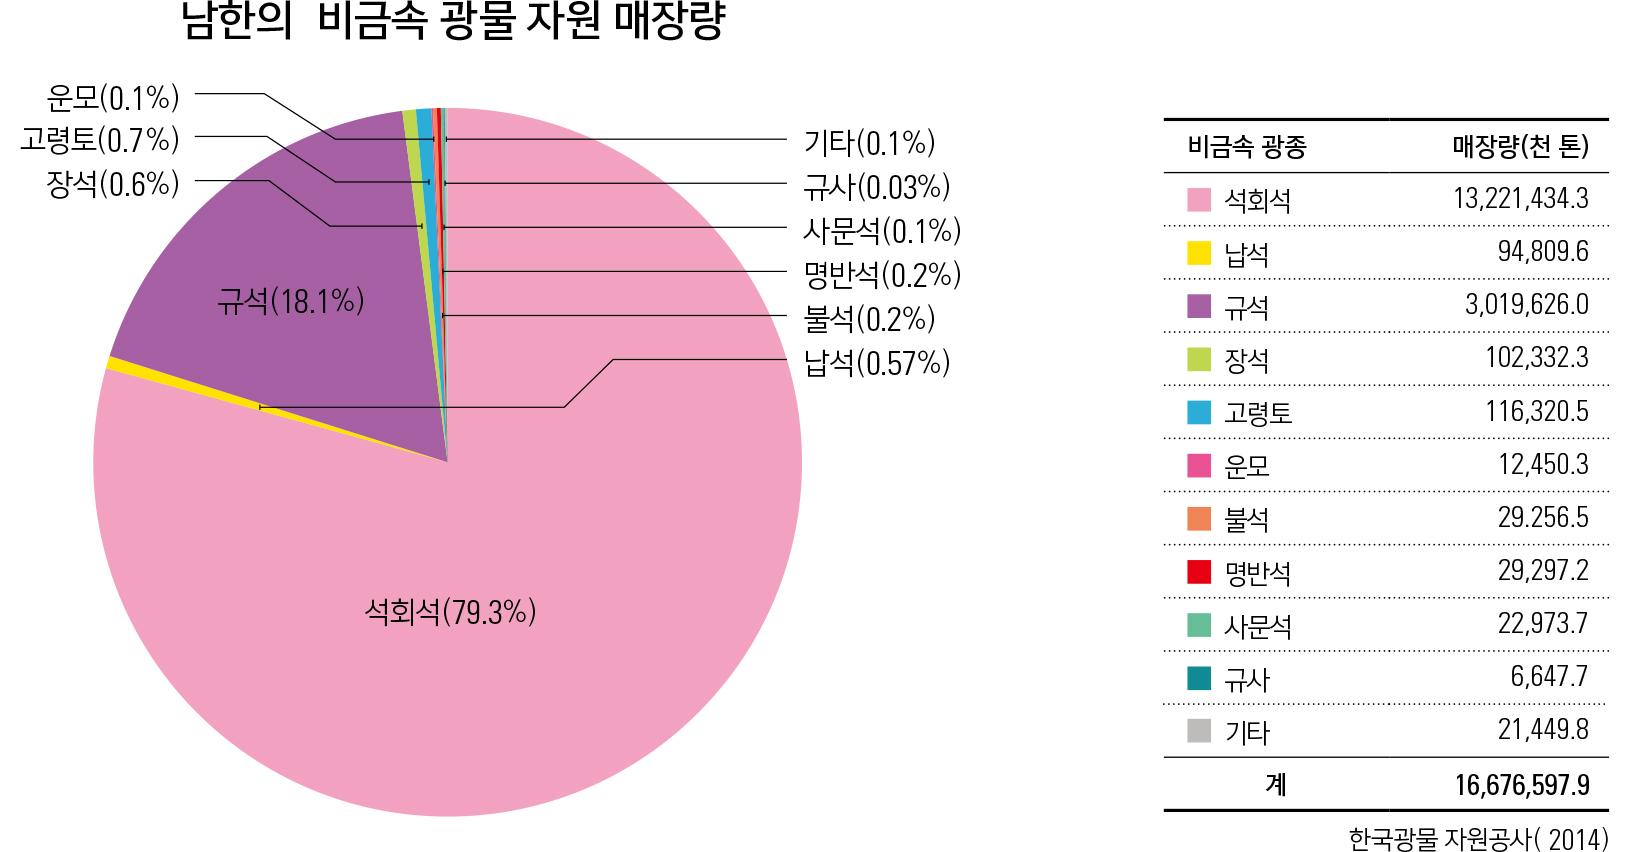 남한의 비금속광물자원매장량